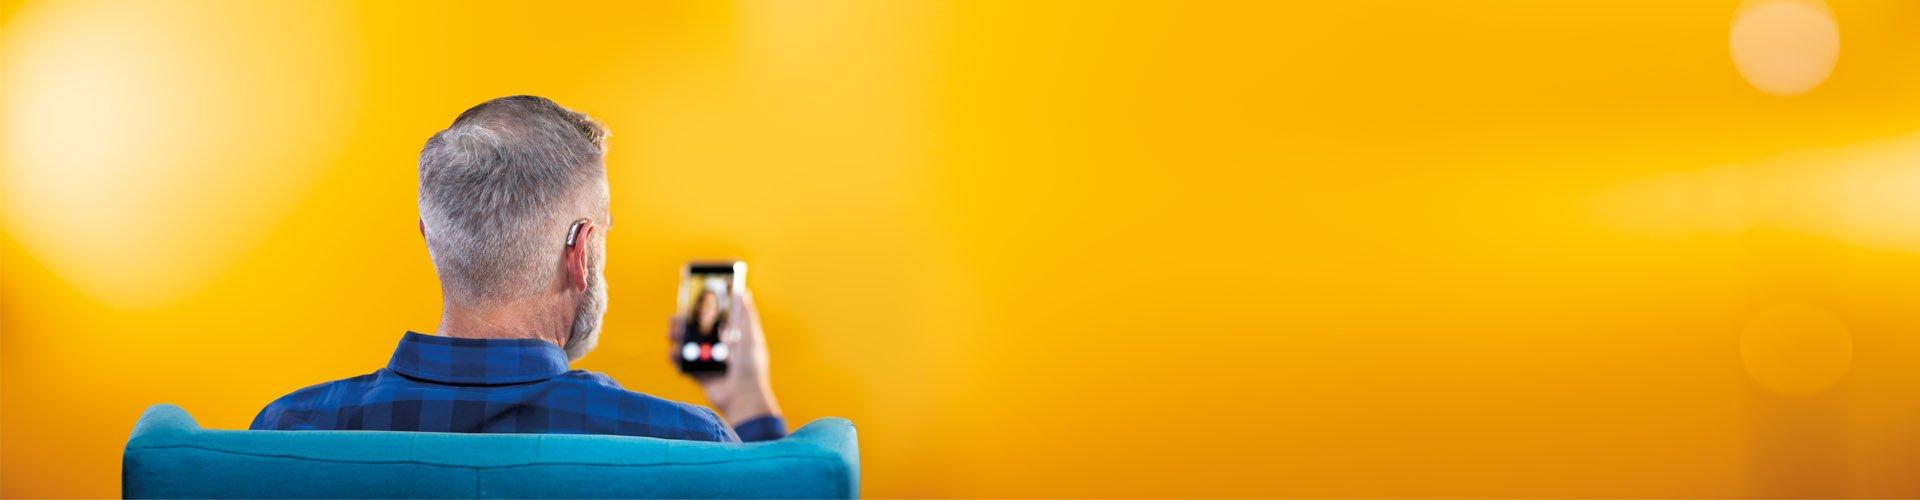 ผู้ชายวัยกลางคนกำลังใช้สมาร์ทโฟนของเขาเครื่องช่วยฟังฟิลิปส์เฮียร์ลิงค์  เพื่อติดต่อเพื่อนโดยการโทรแบบวิดีโอ